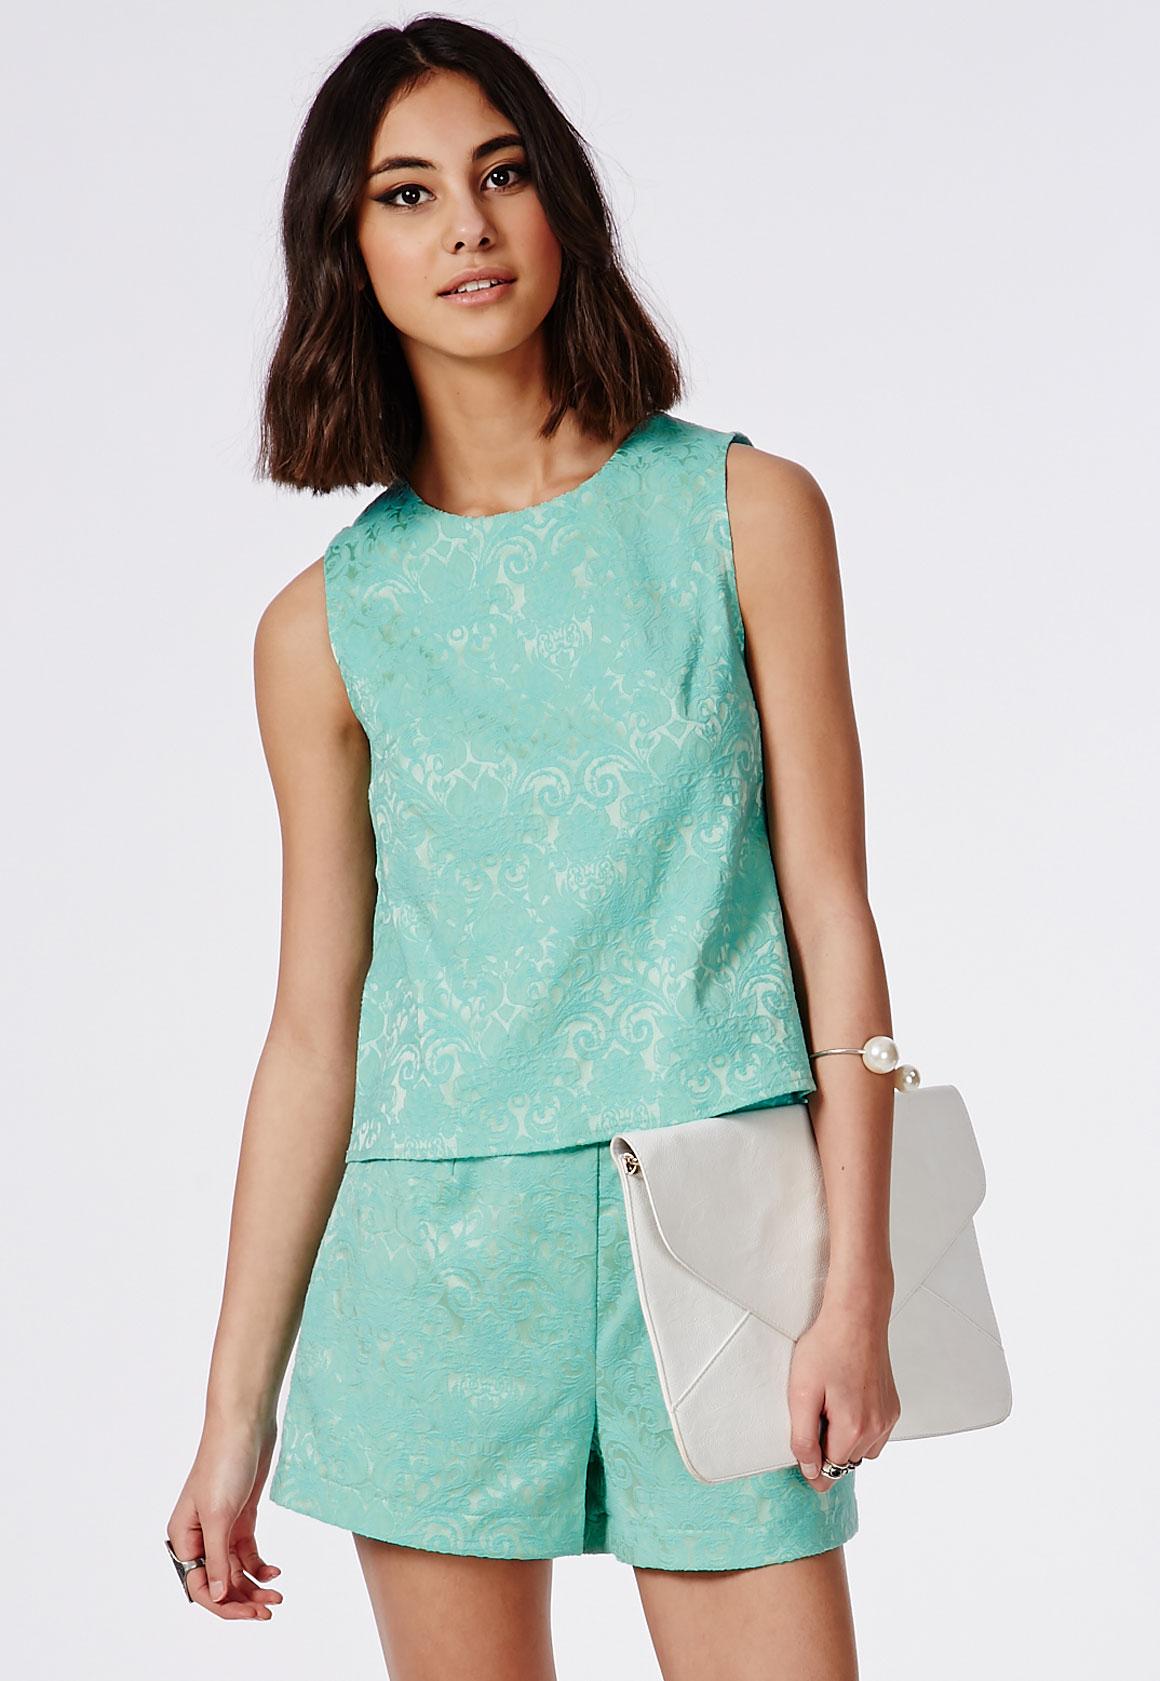 Fashion Shop - Mint Brocade High Waisted Shorts